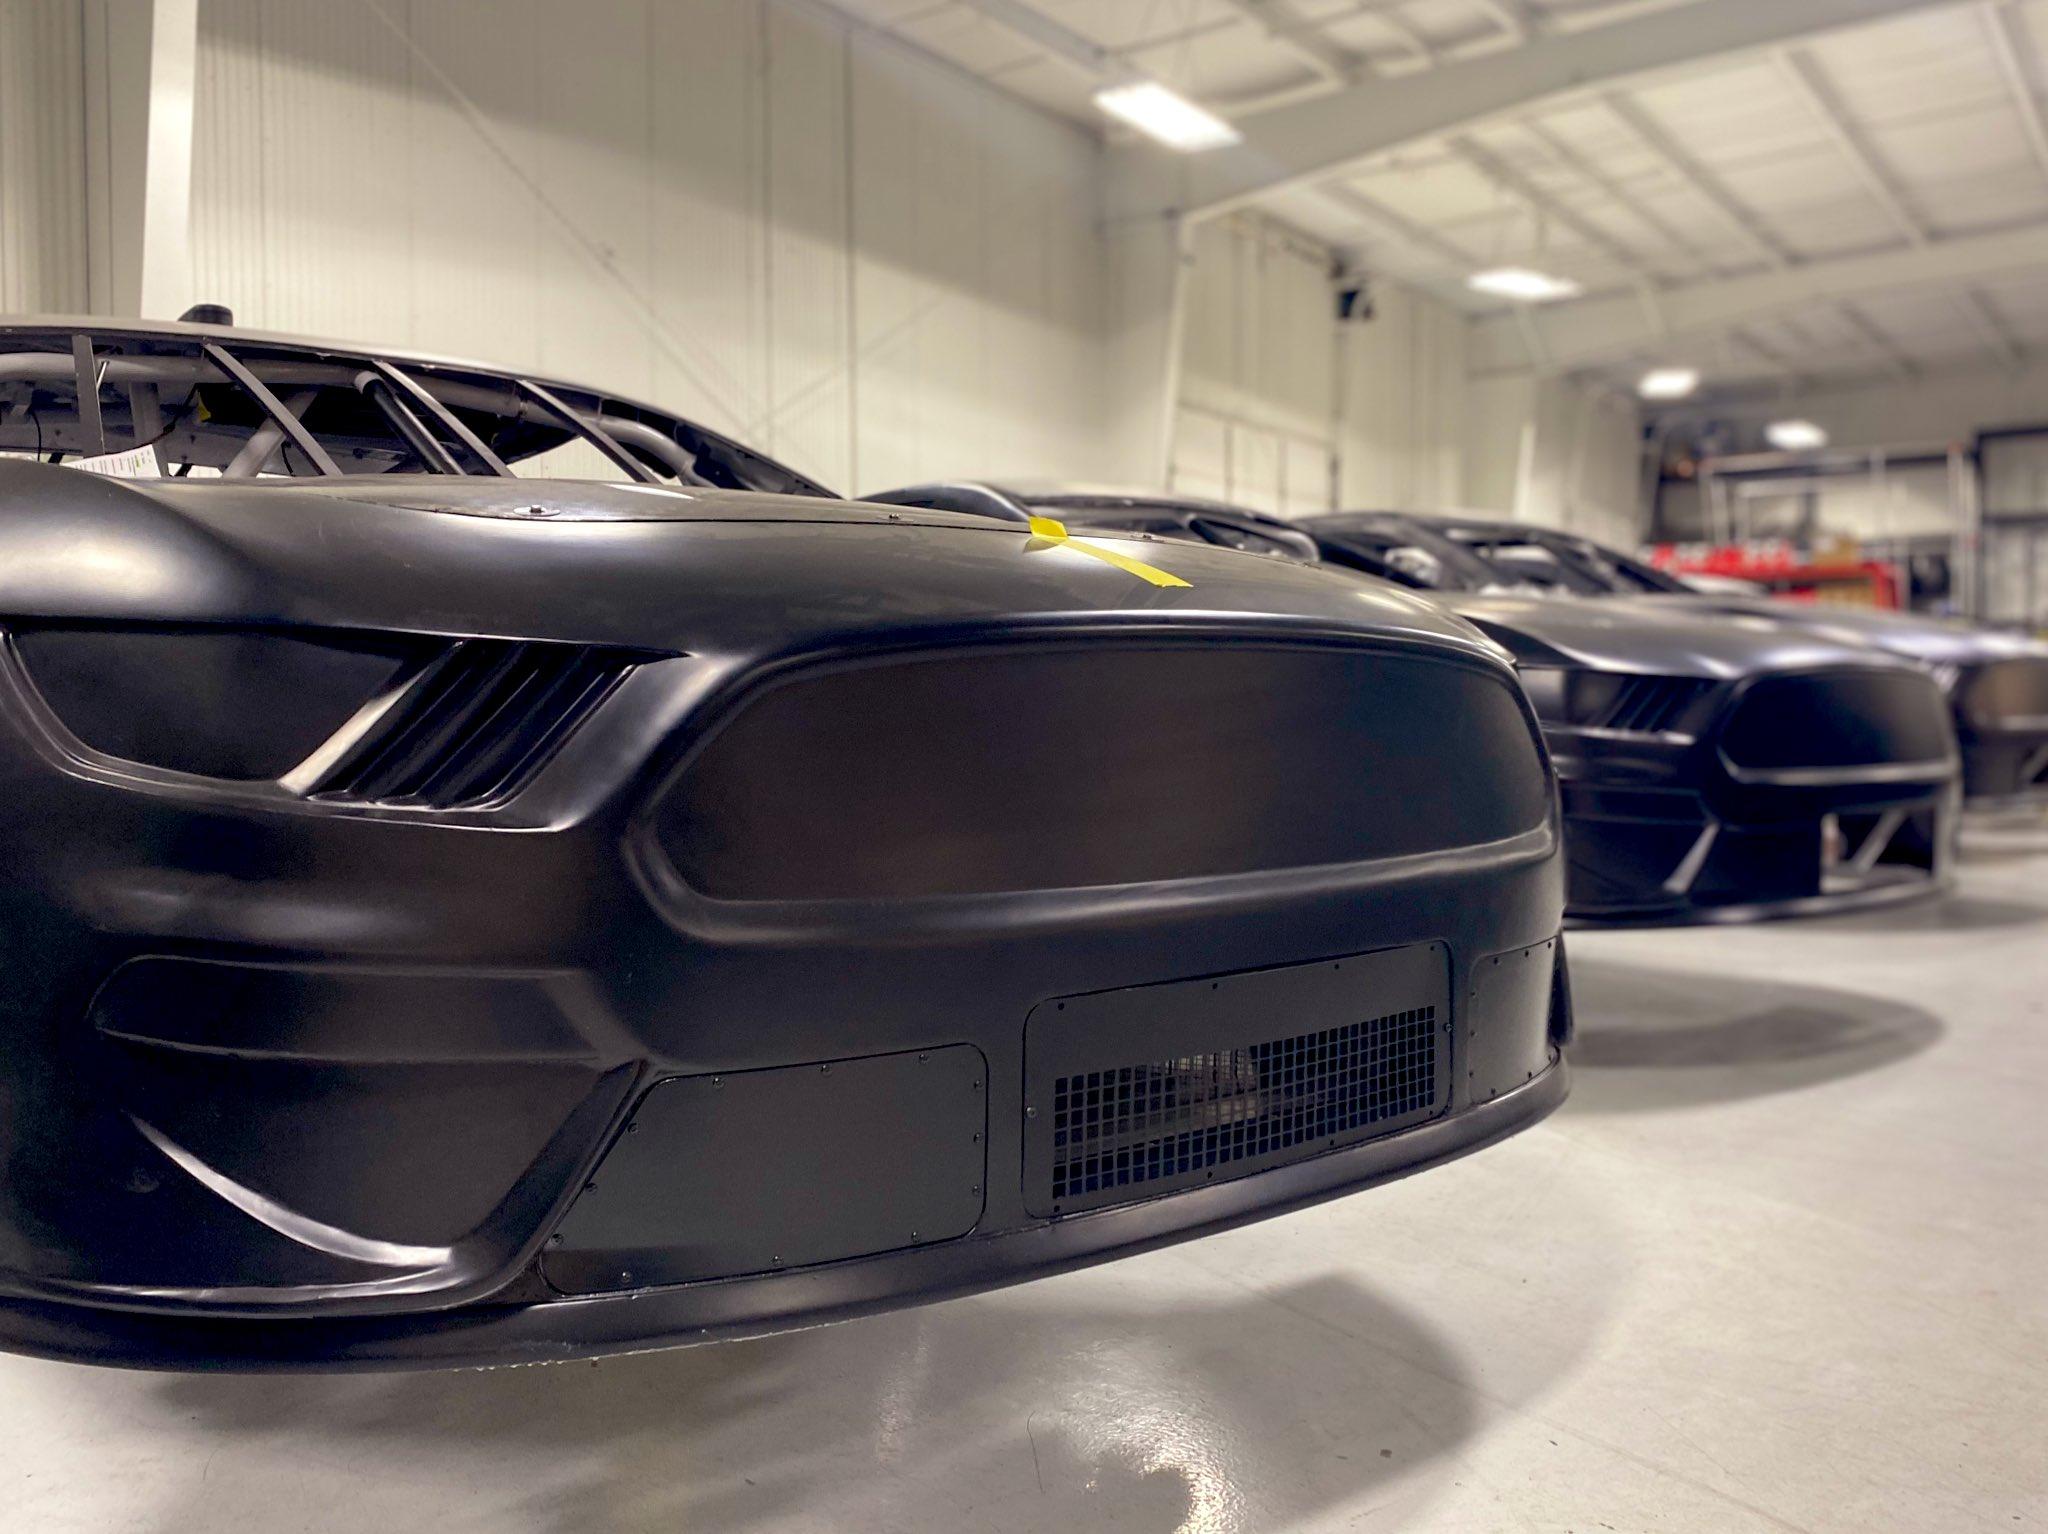 Live Fast Motorsports - NASCAR shop